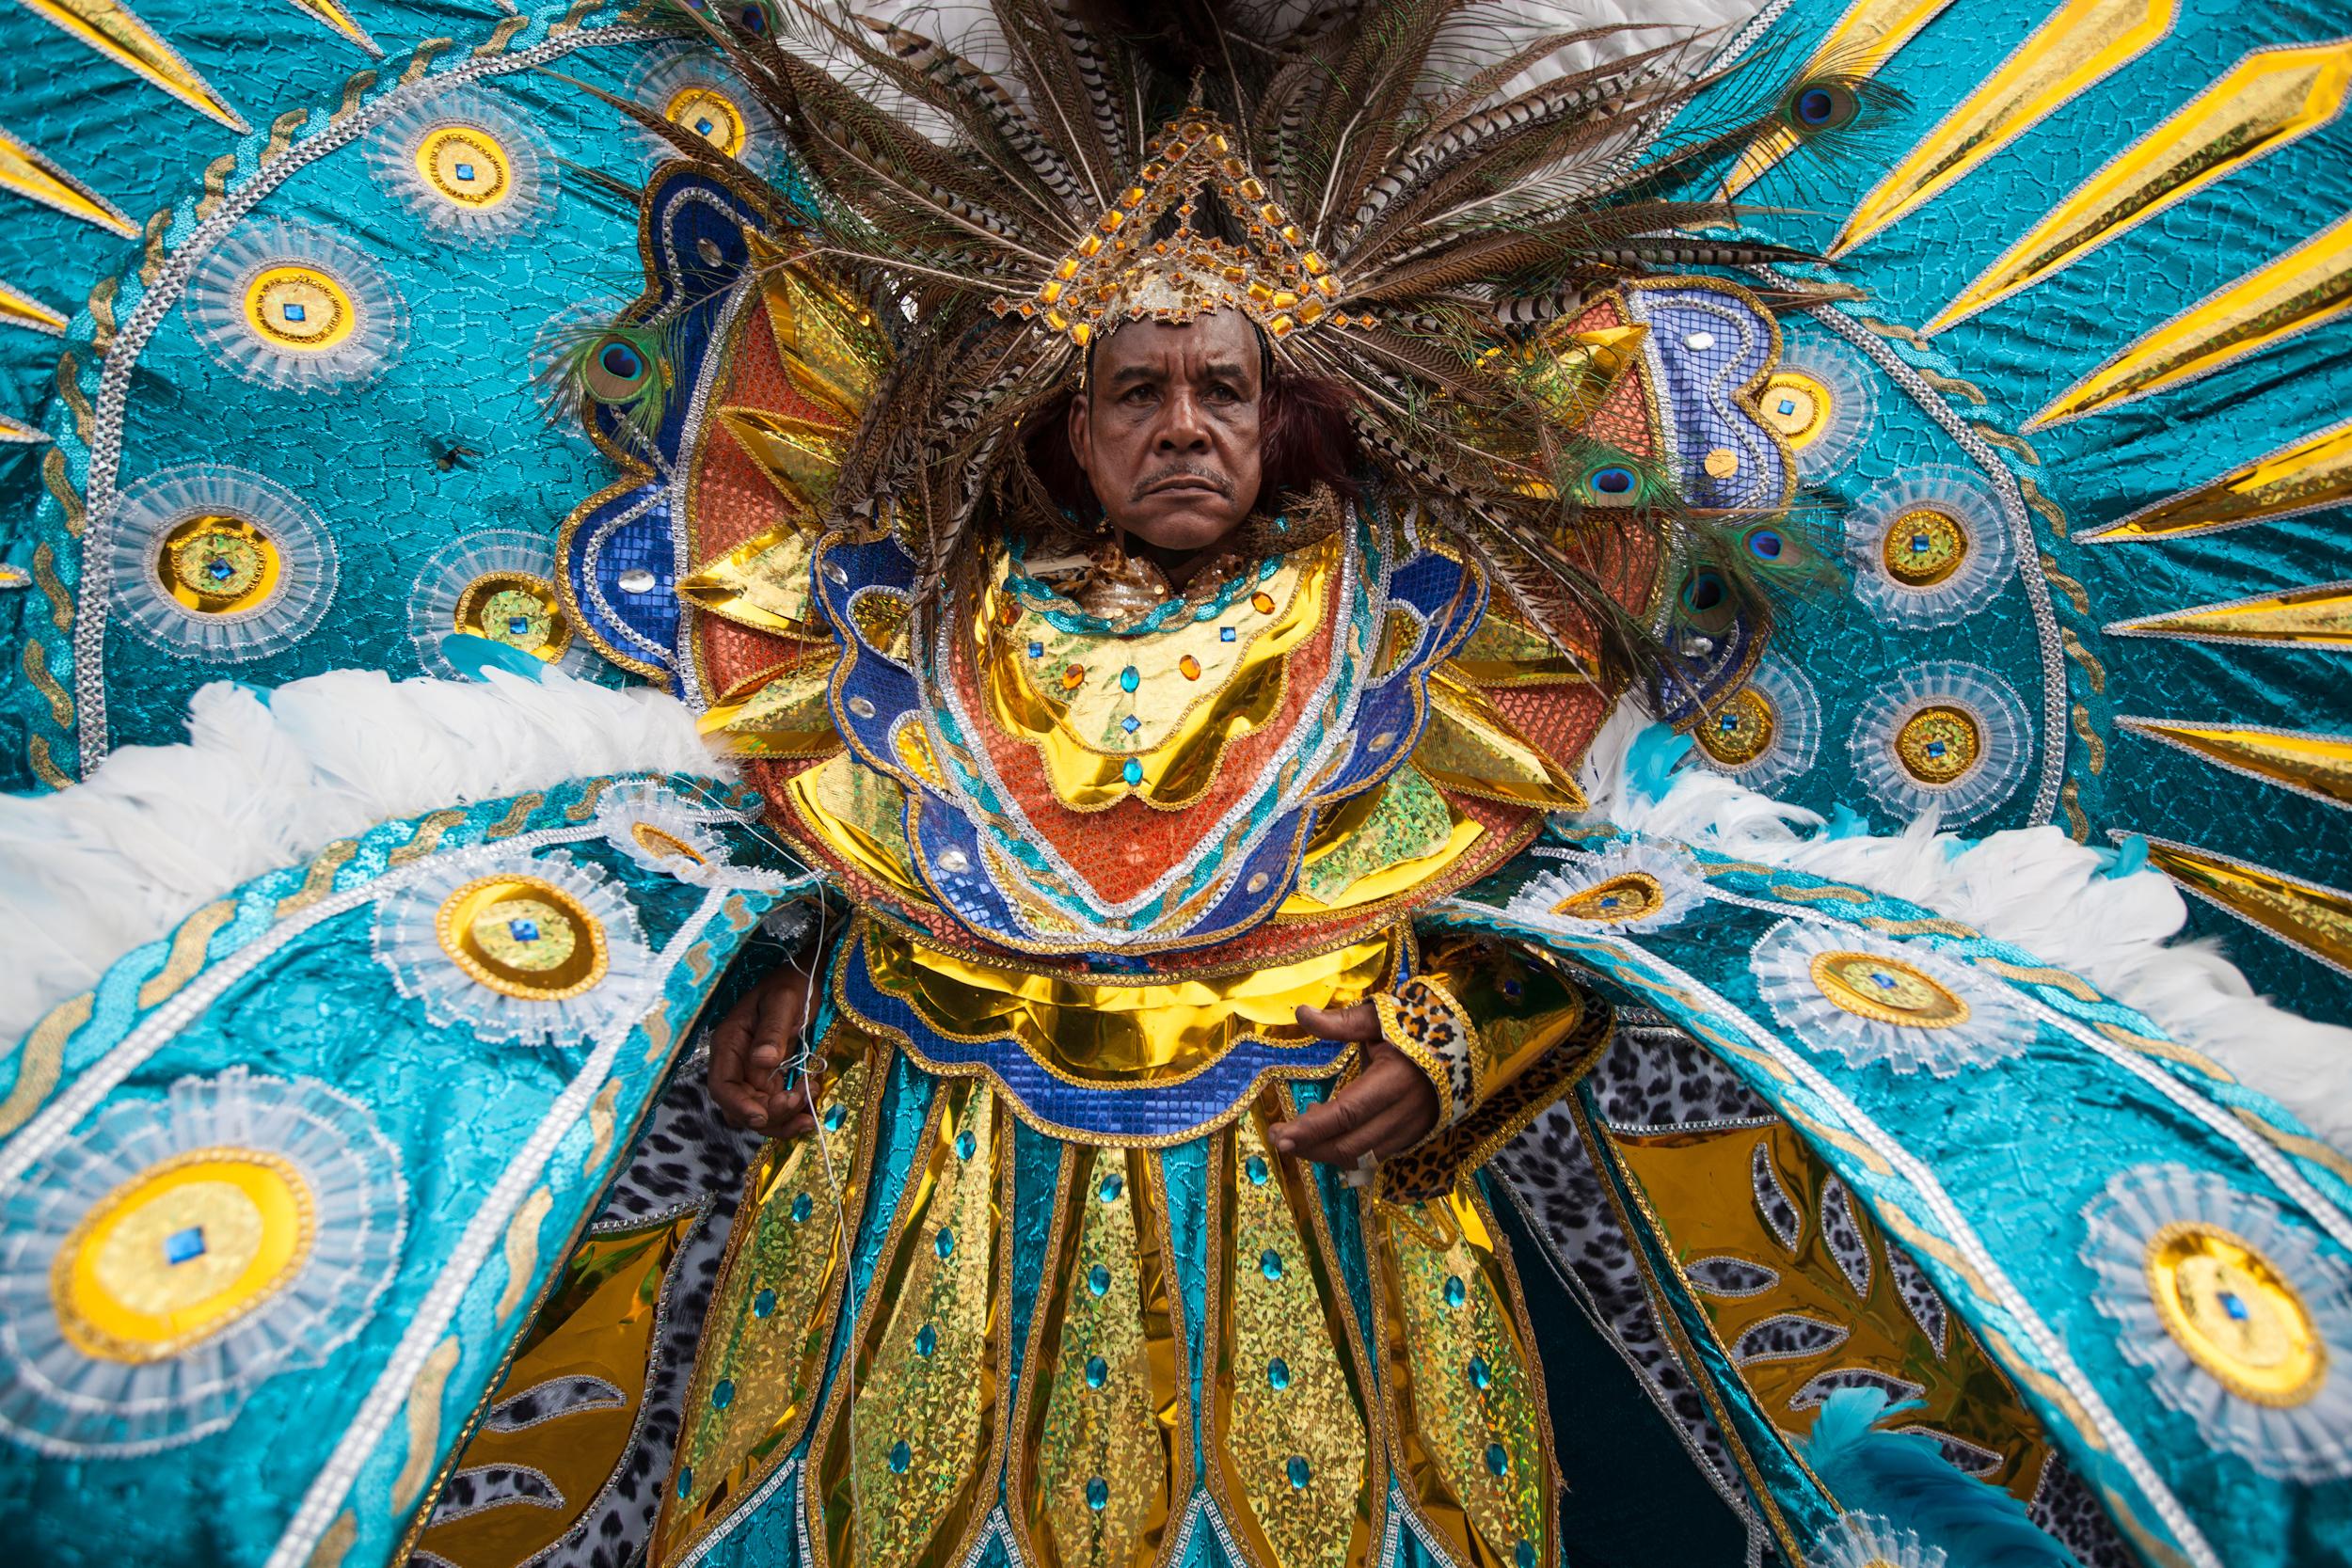 Photos: 2012 Carnival